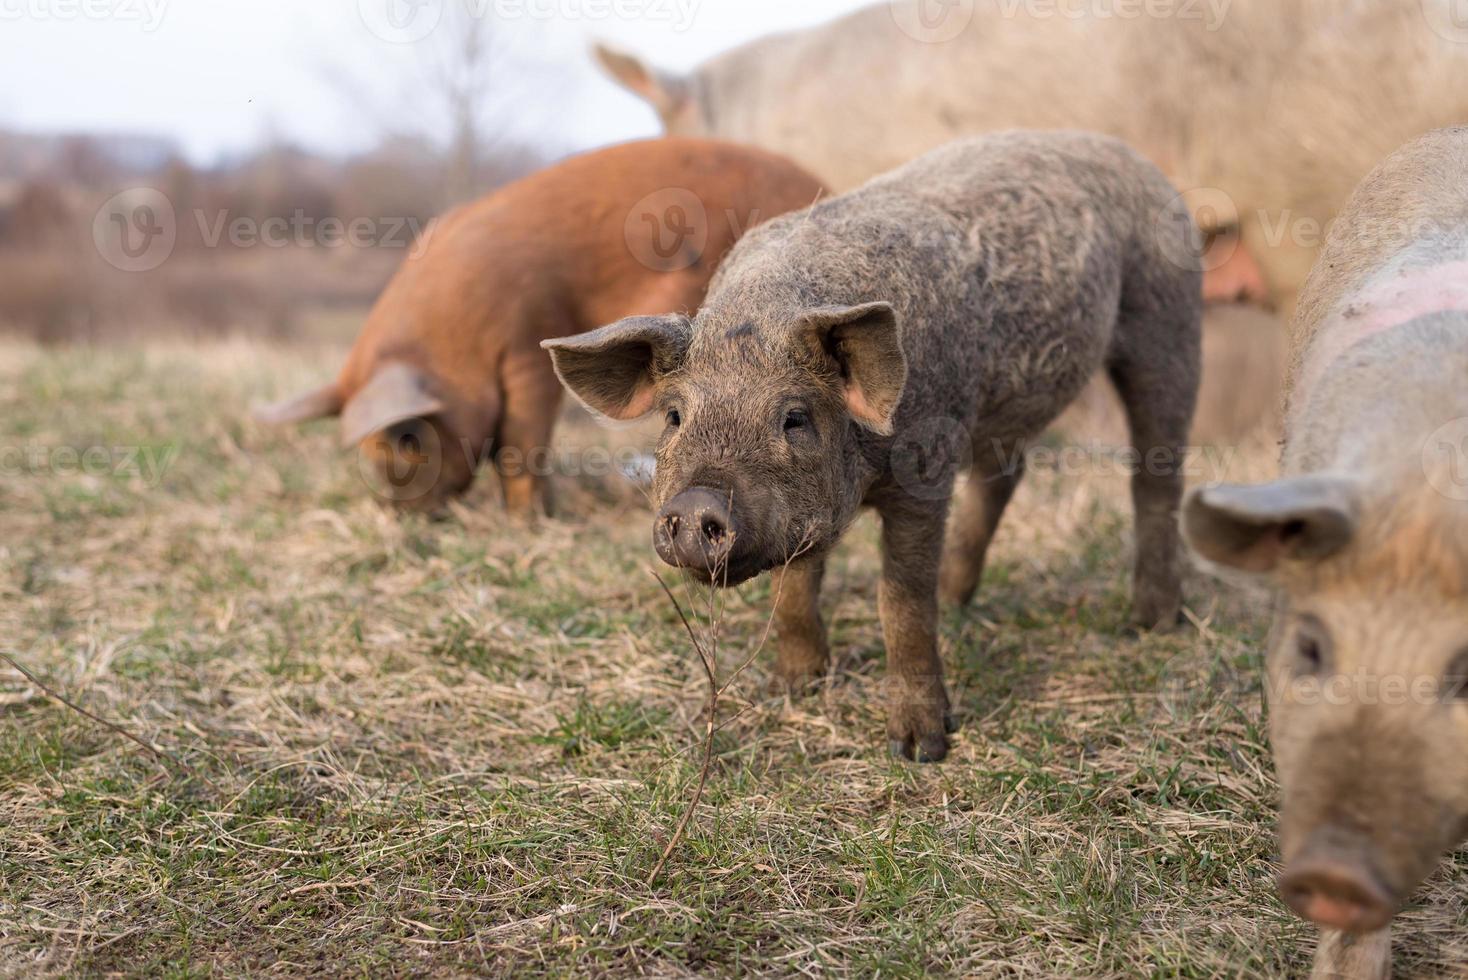 três porcos mangulitsa jovens seguidas foto